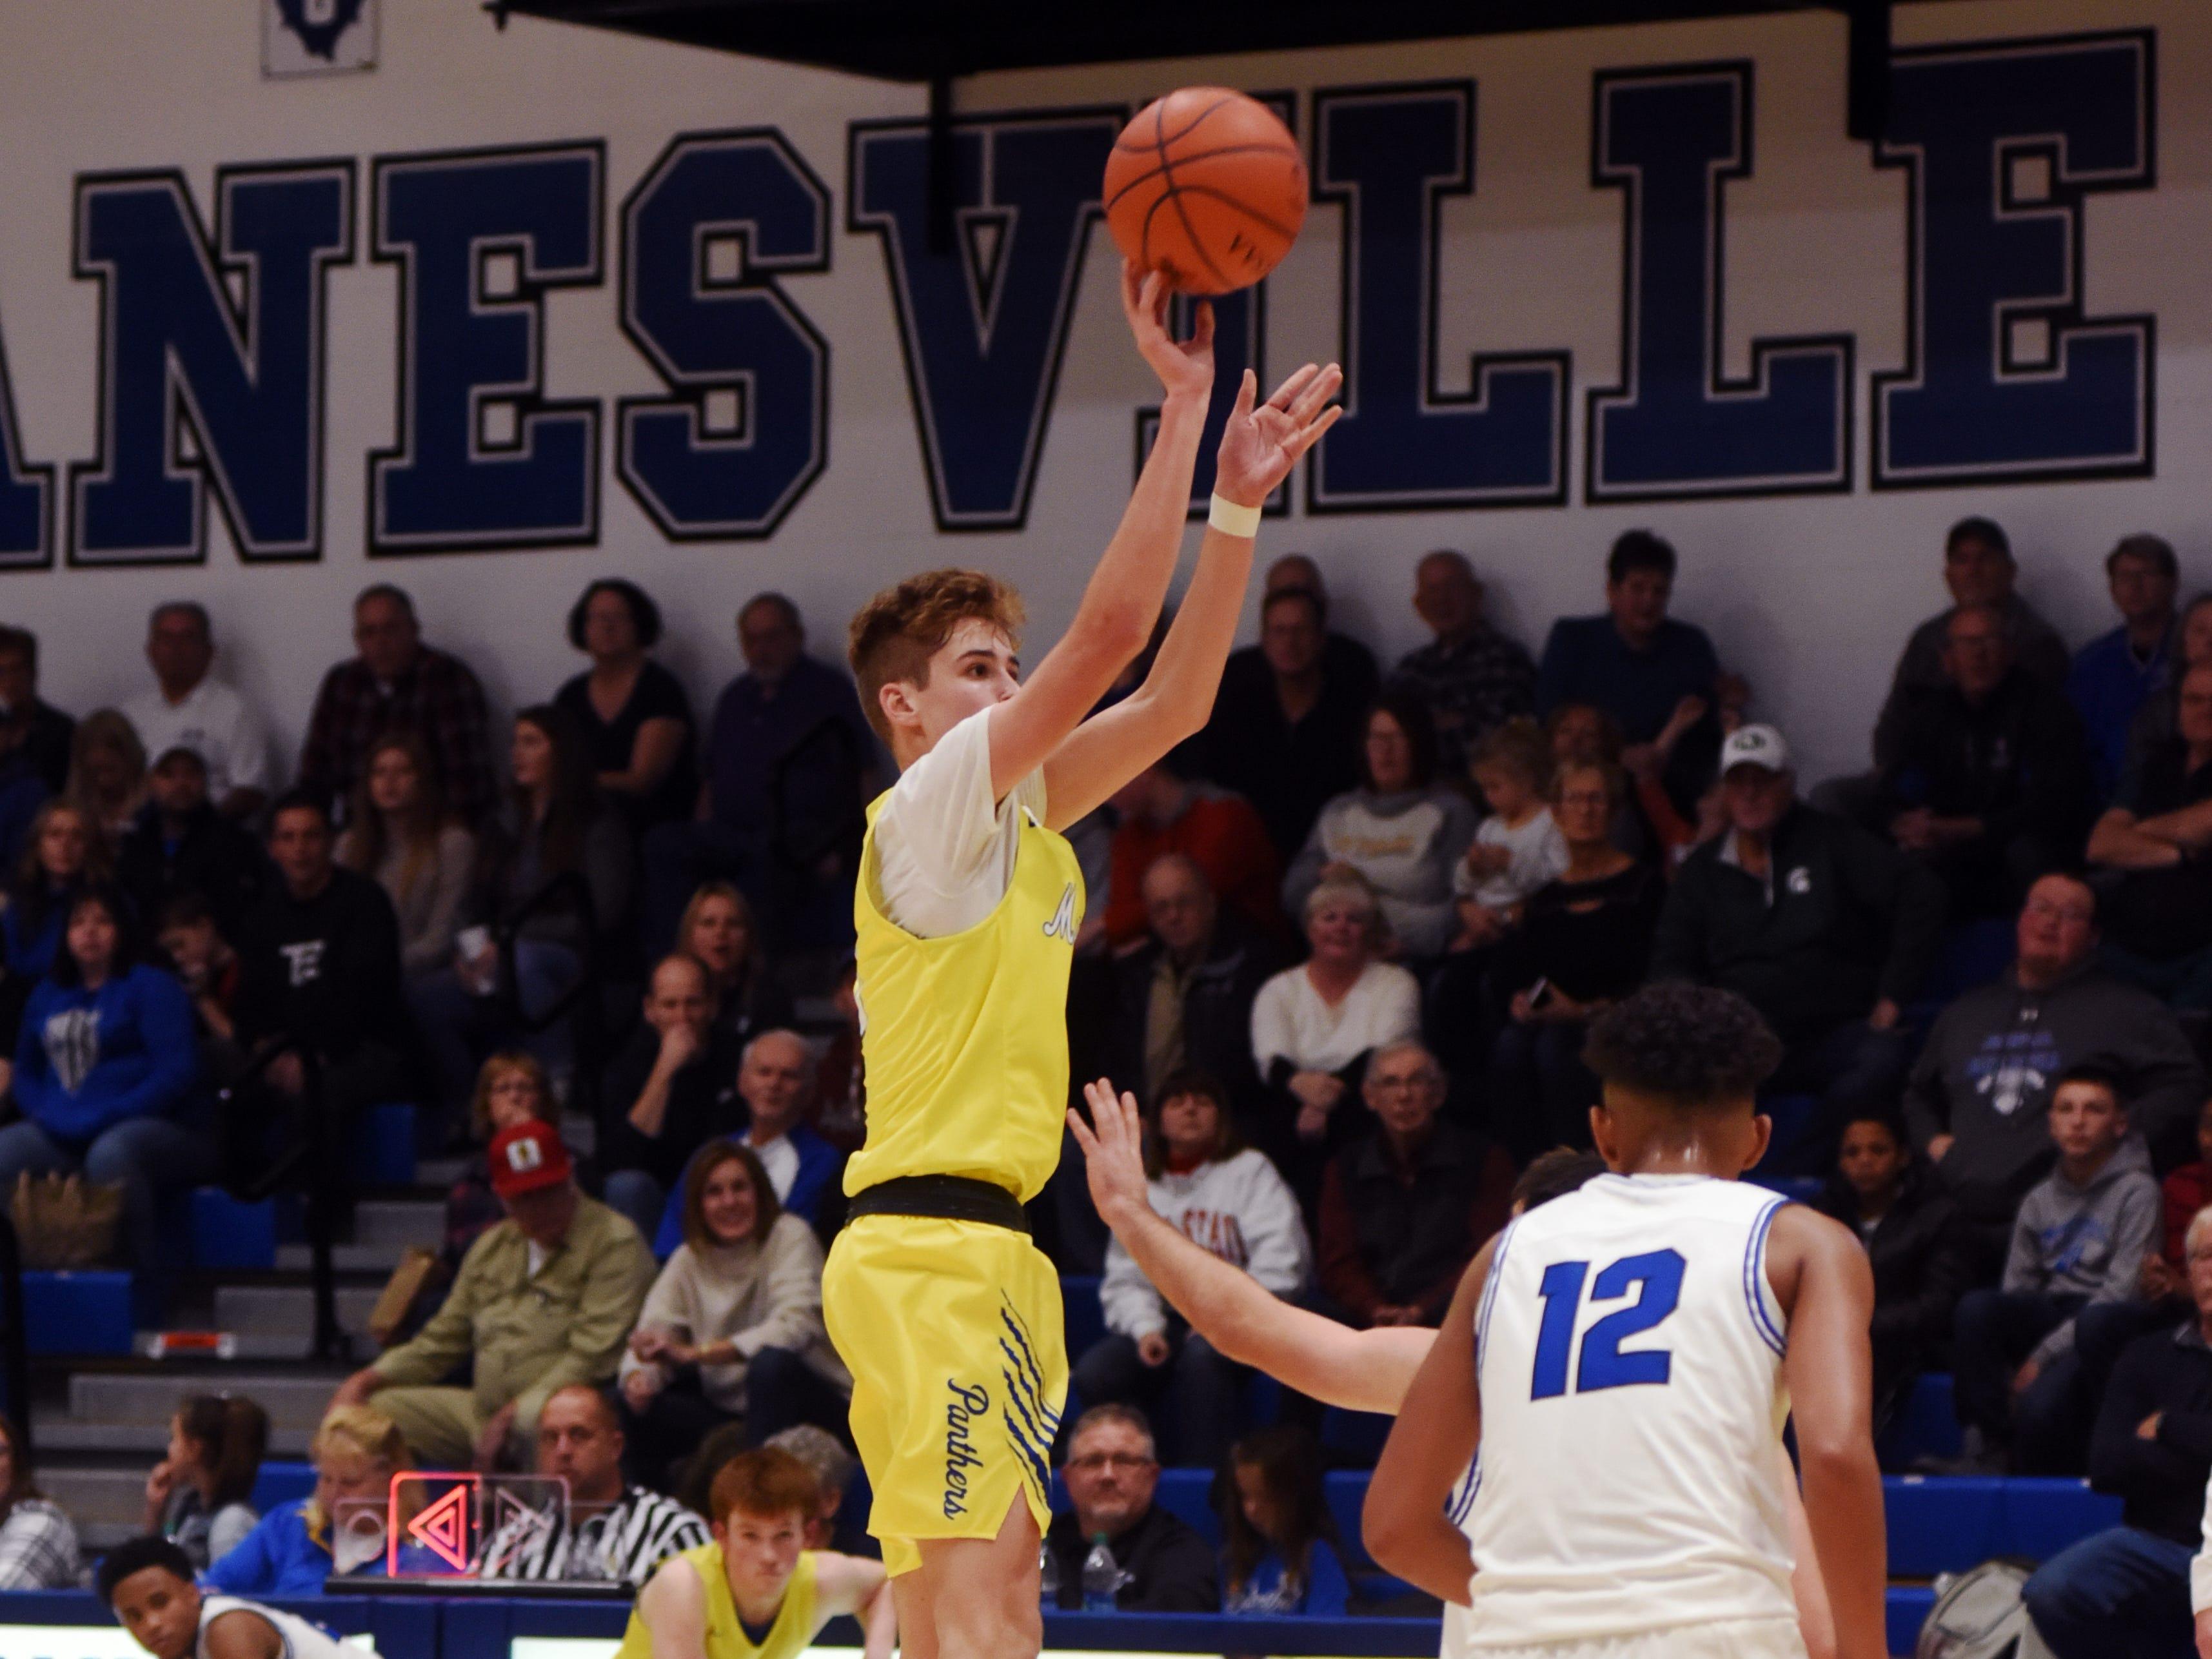 Kaiden Hartman shoots a 3-pointer for Maysville against Zanesville.